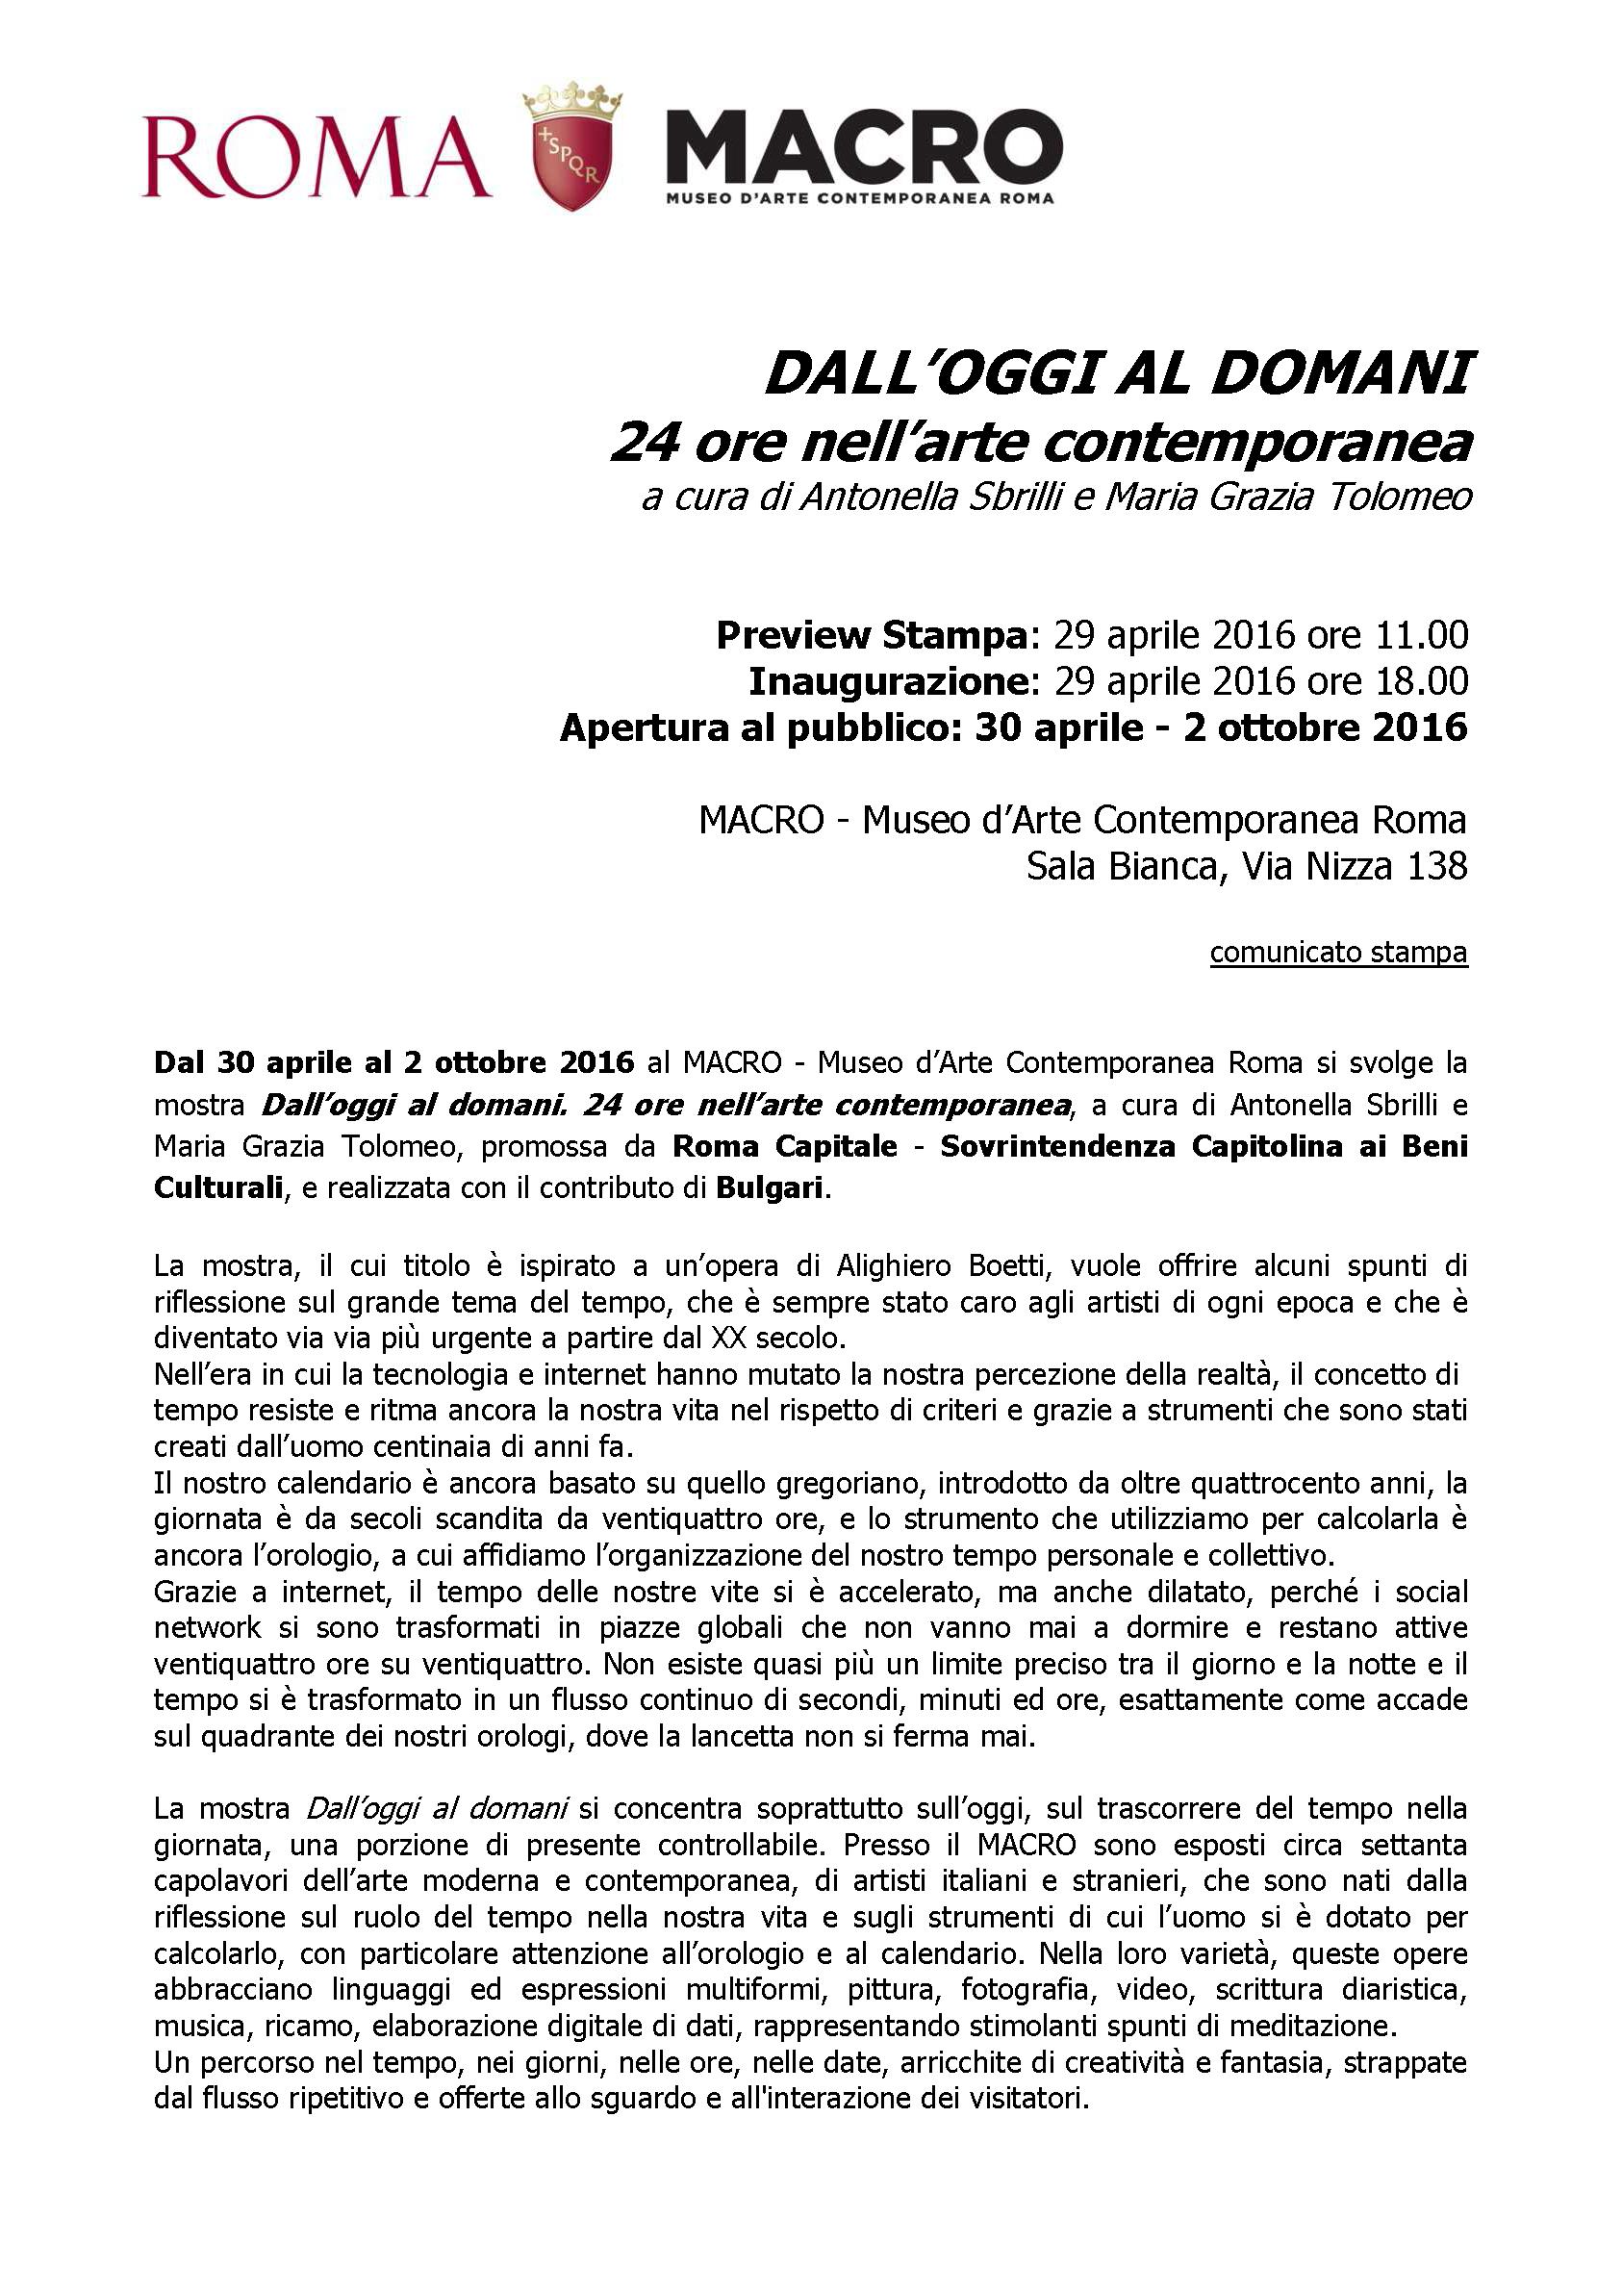 page 1 of 3 Press Release for exhibition 'Dall'oggi al domani. 24 ore nell'arte contemporanea' at  MACRO Via Nizza, 01 May - 02 October 2016 © Cultural Documents